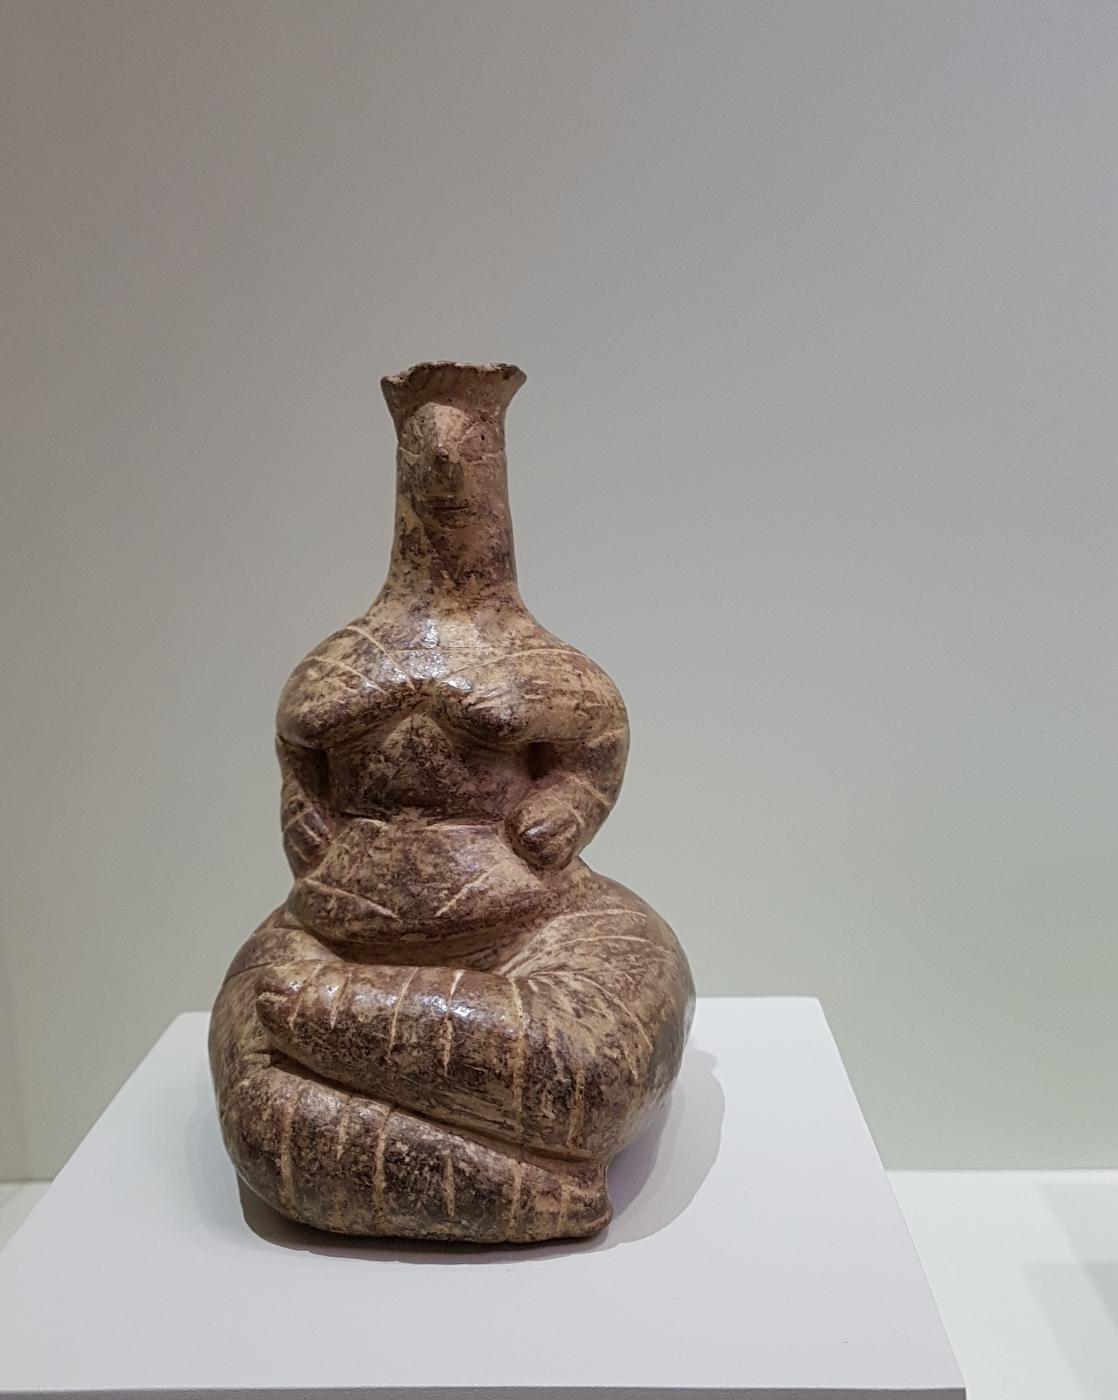 Anthropologisches Museum von Heraklion